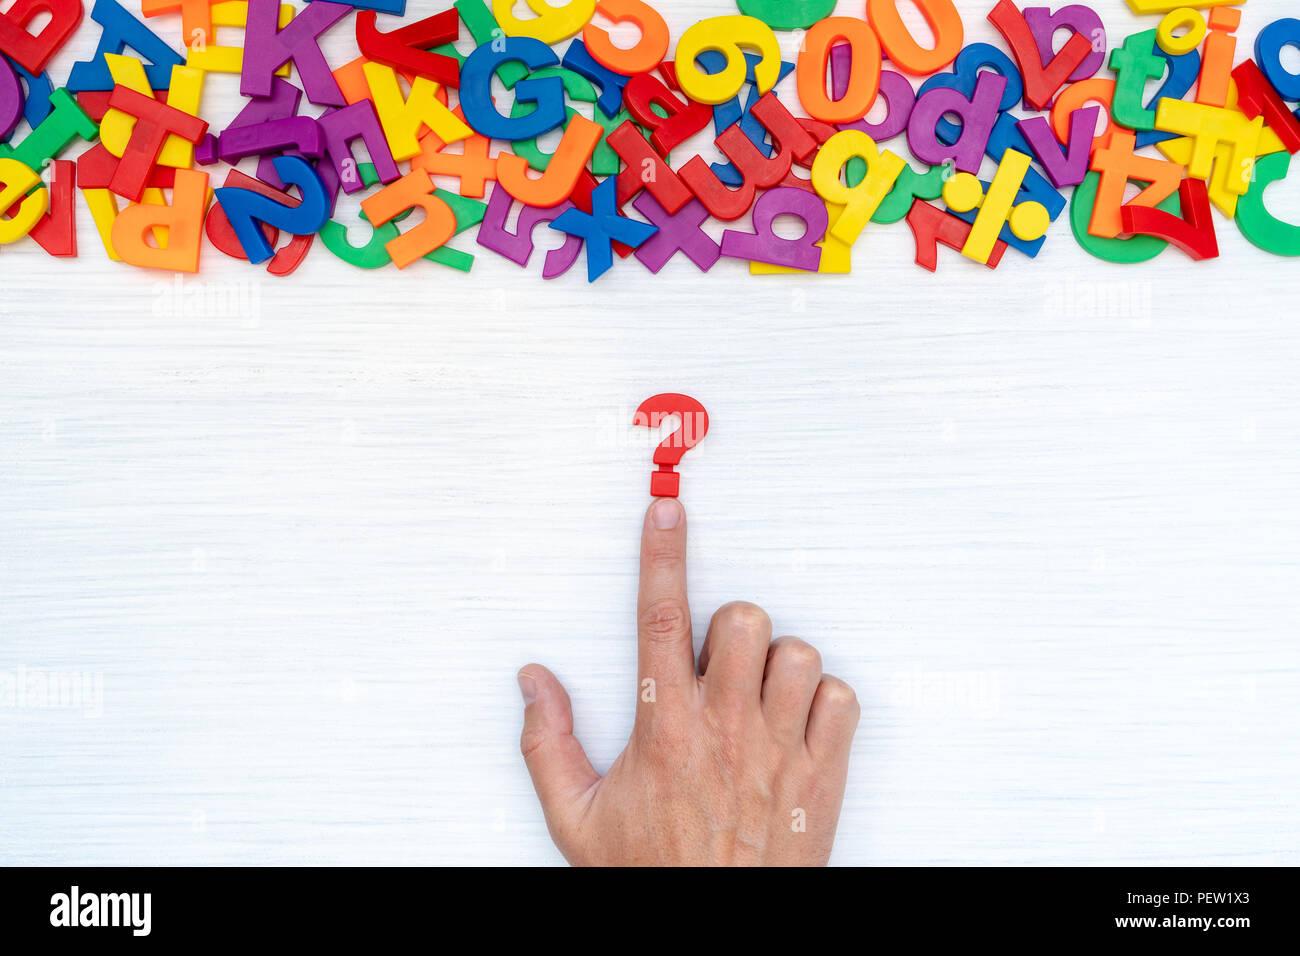 Hand mit Fragezeichen auf dem Tisch mit vielen Kunststoff Zahlen und Buchstaben. Konzept für Verwirrung oder Neugier. Stockbild